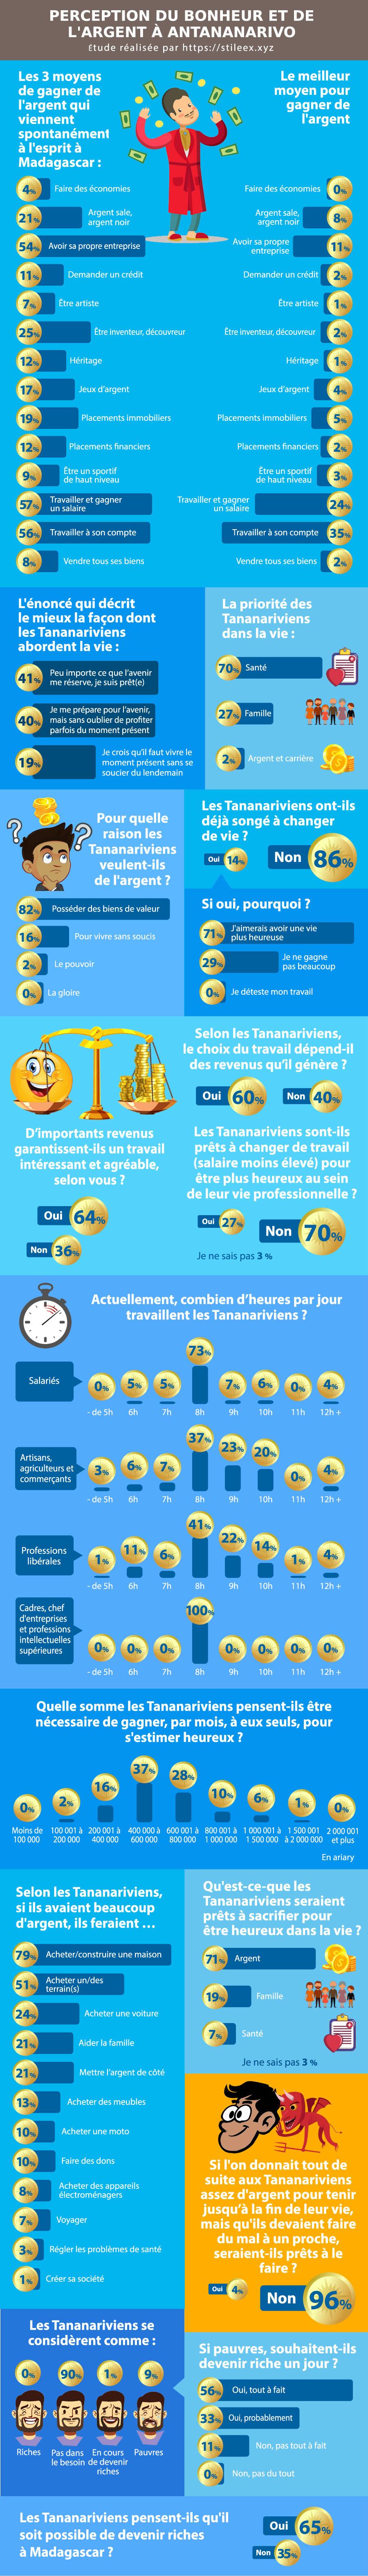 Le sondage sur le bonheur et l'argent à Madagascar en image